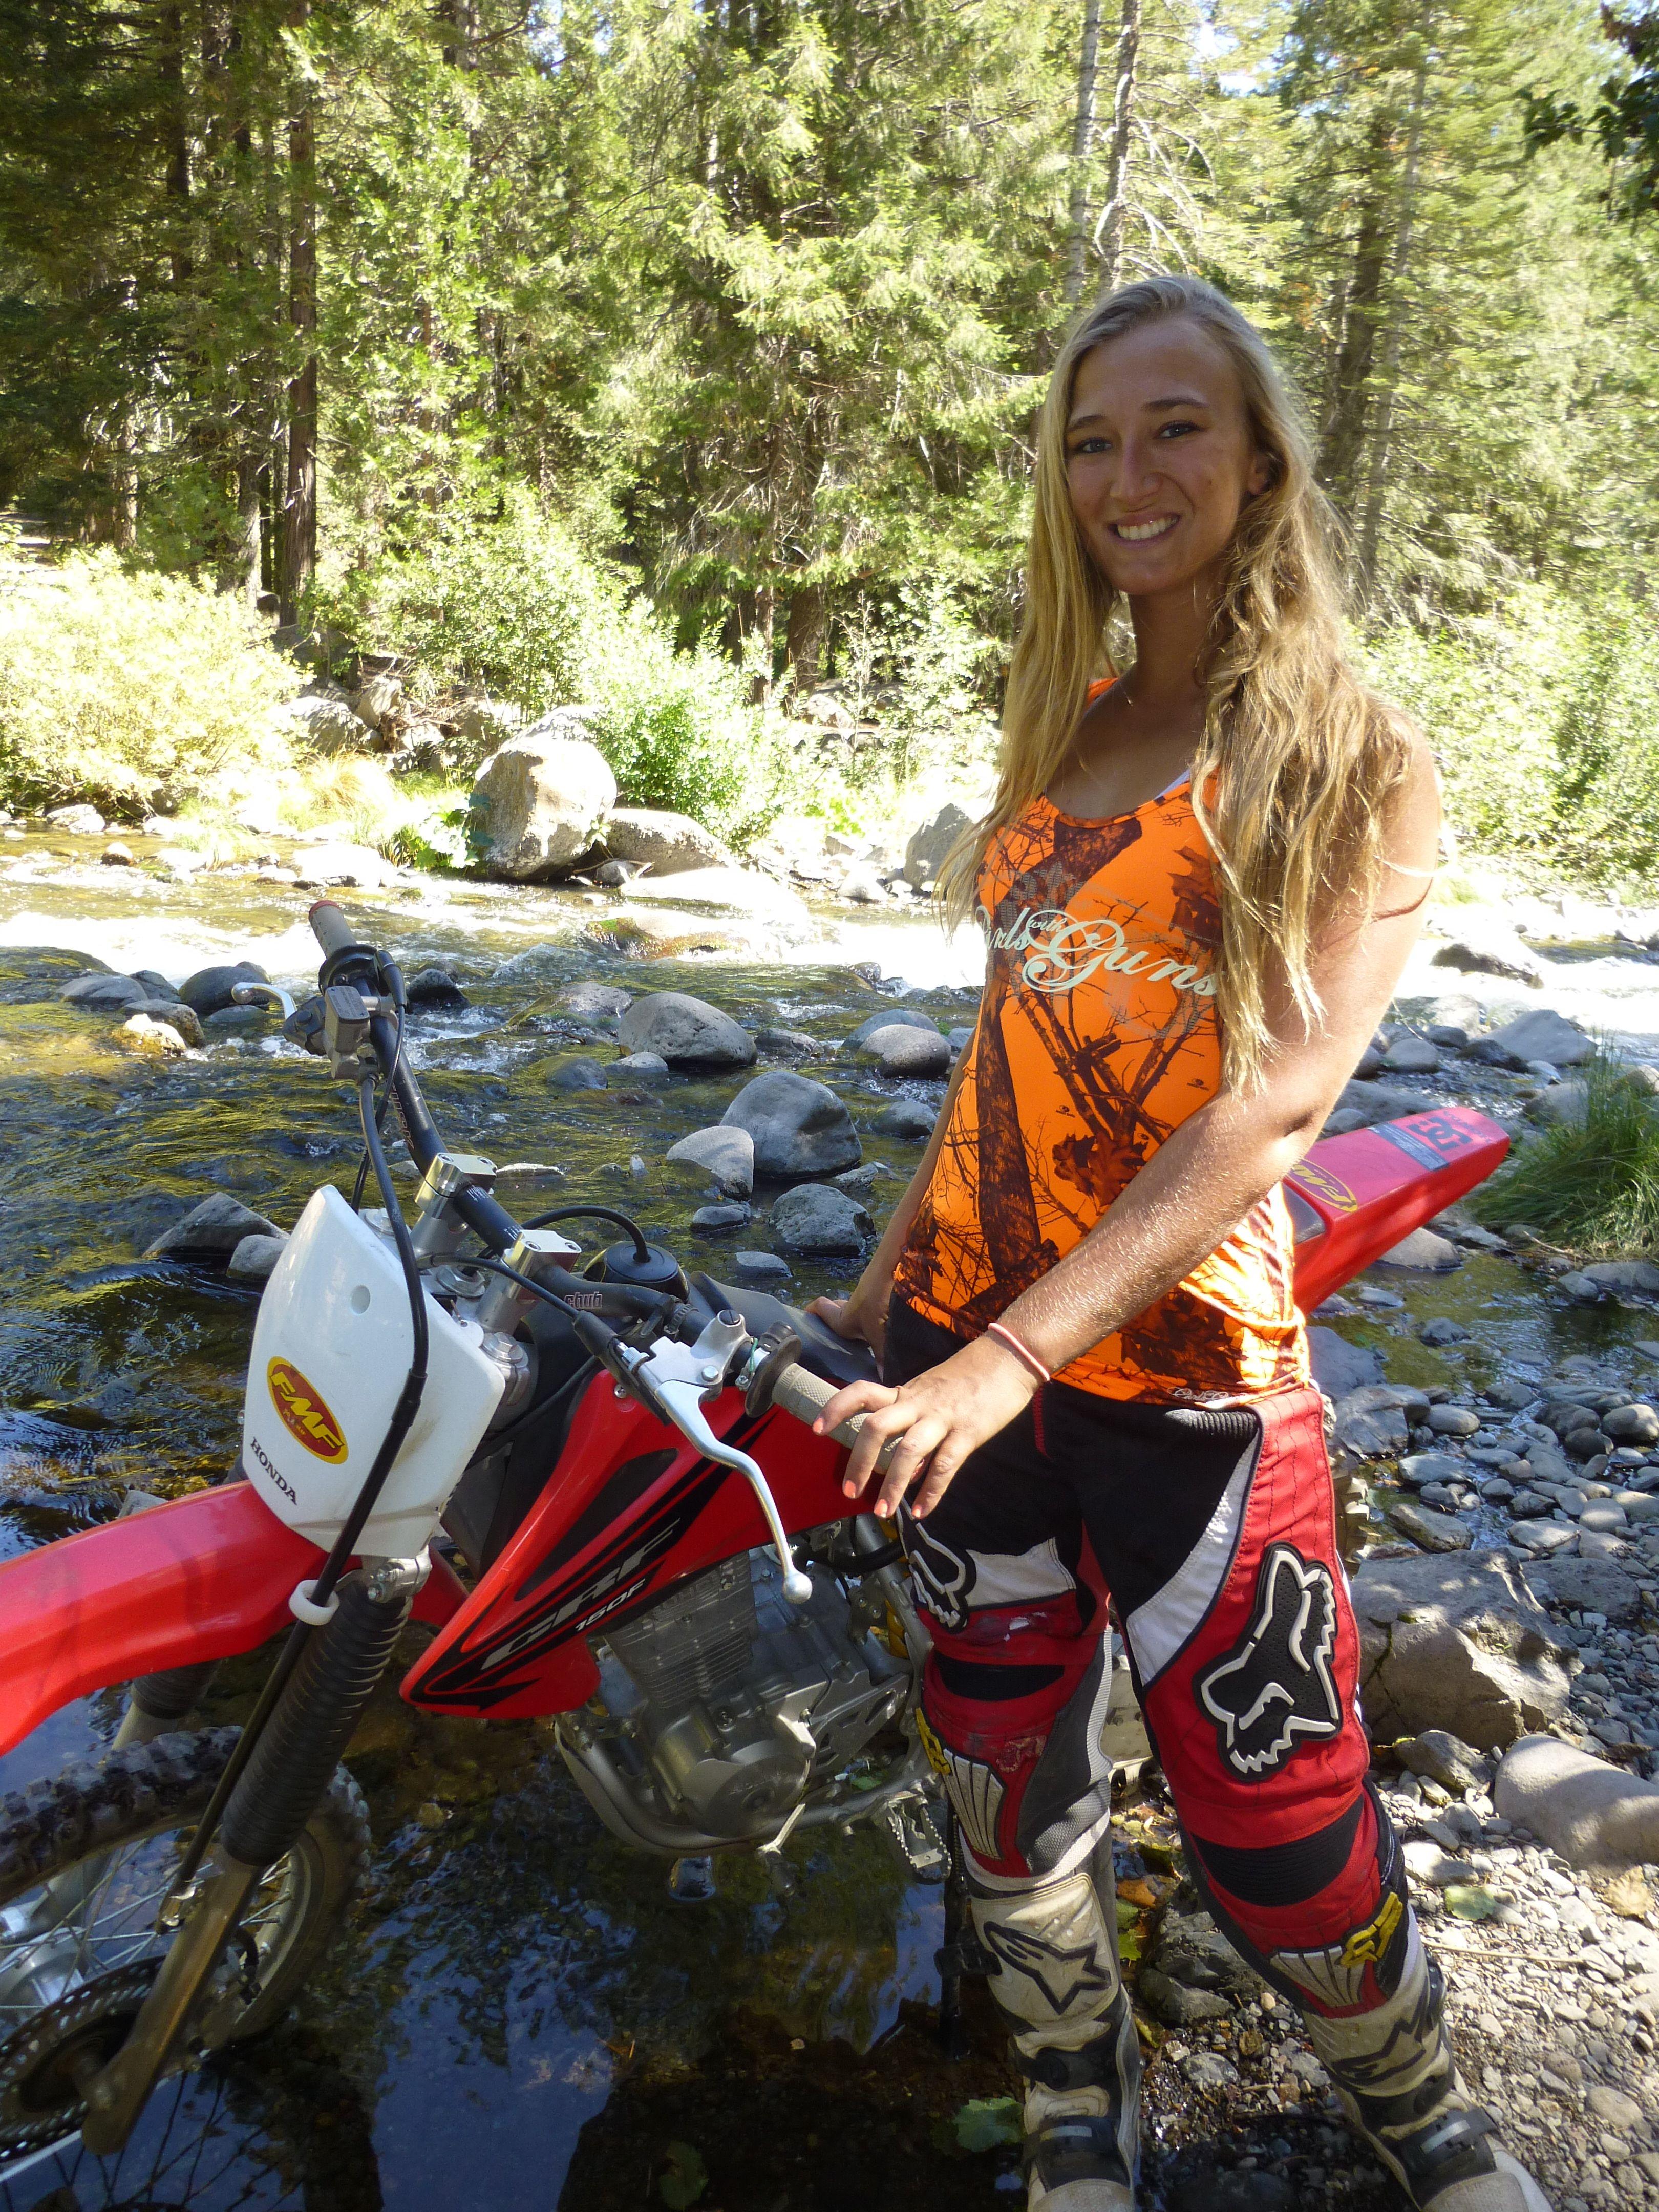 dirt bike girl fucked